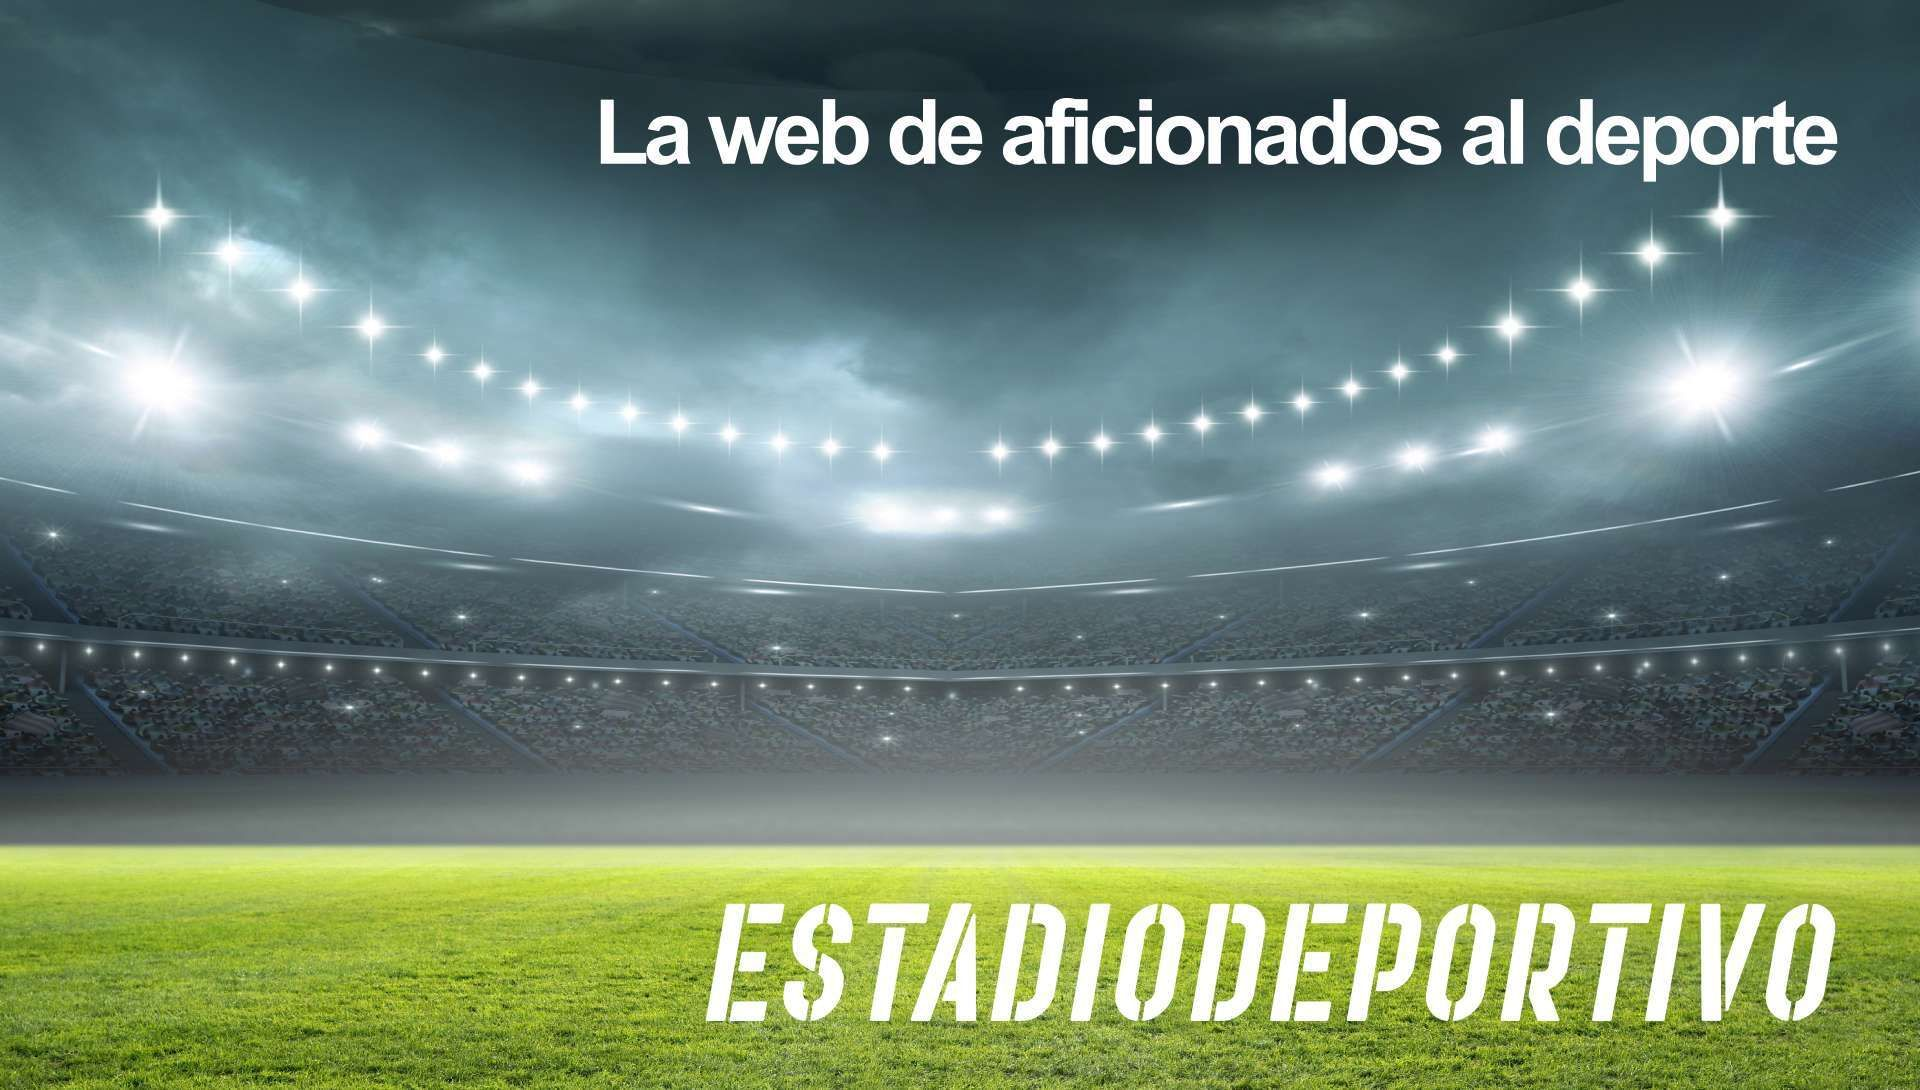 Las portadas de la prensa del miércoles 18 de noviembre